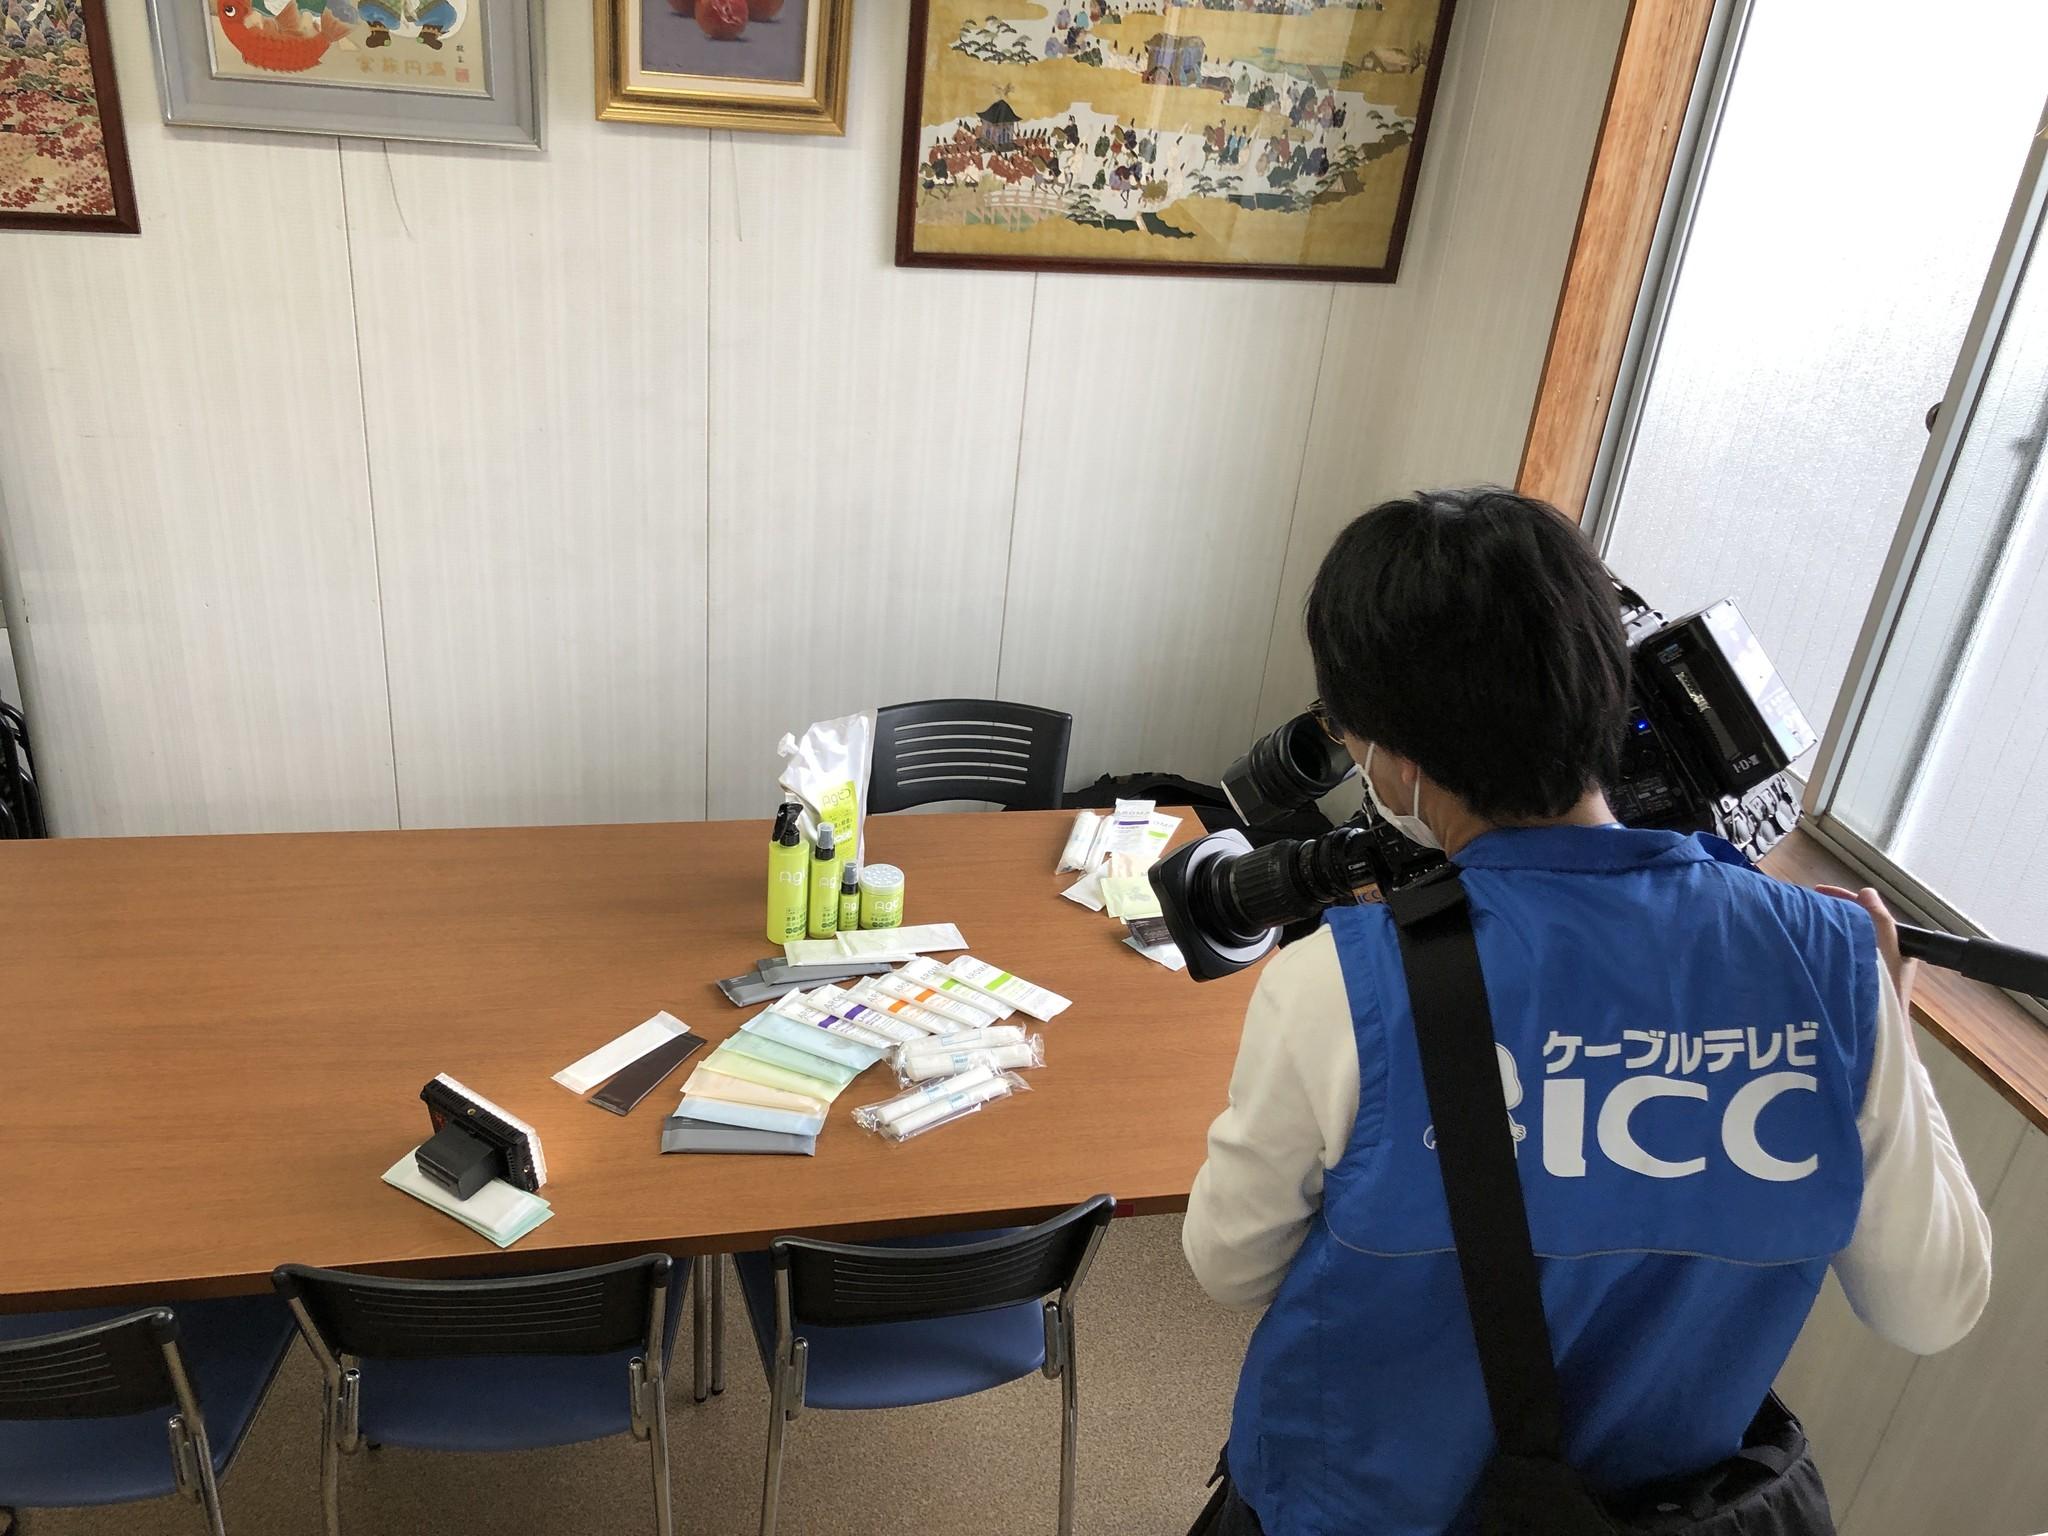 【プレスリリース】AGピコ・VBおしぼり ICC様より取材がありました!